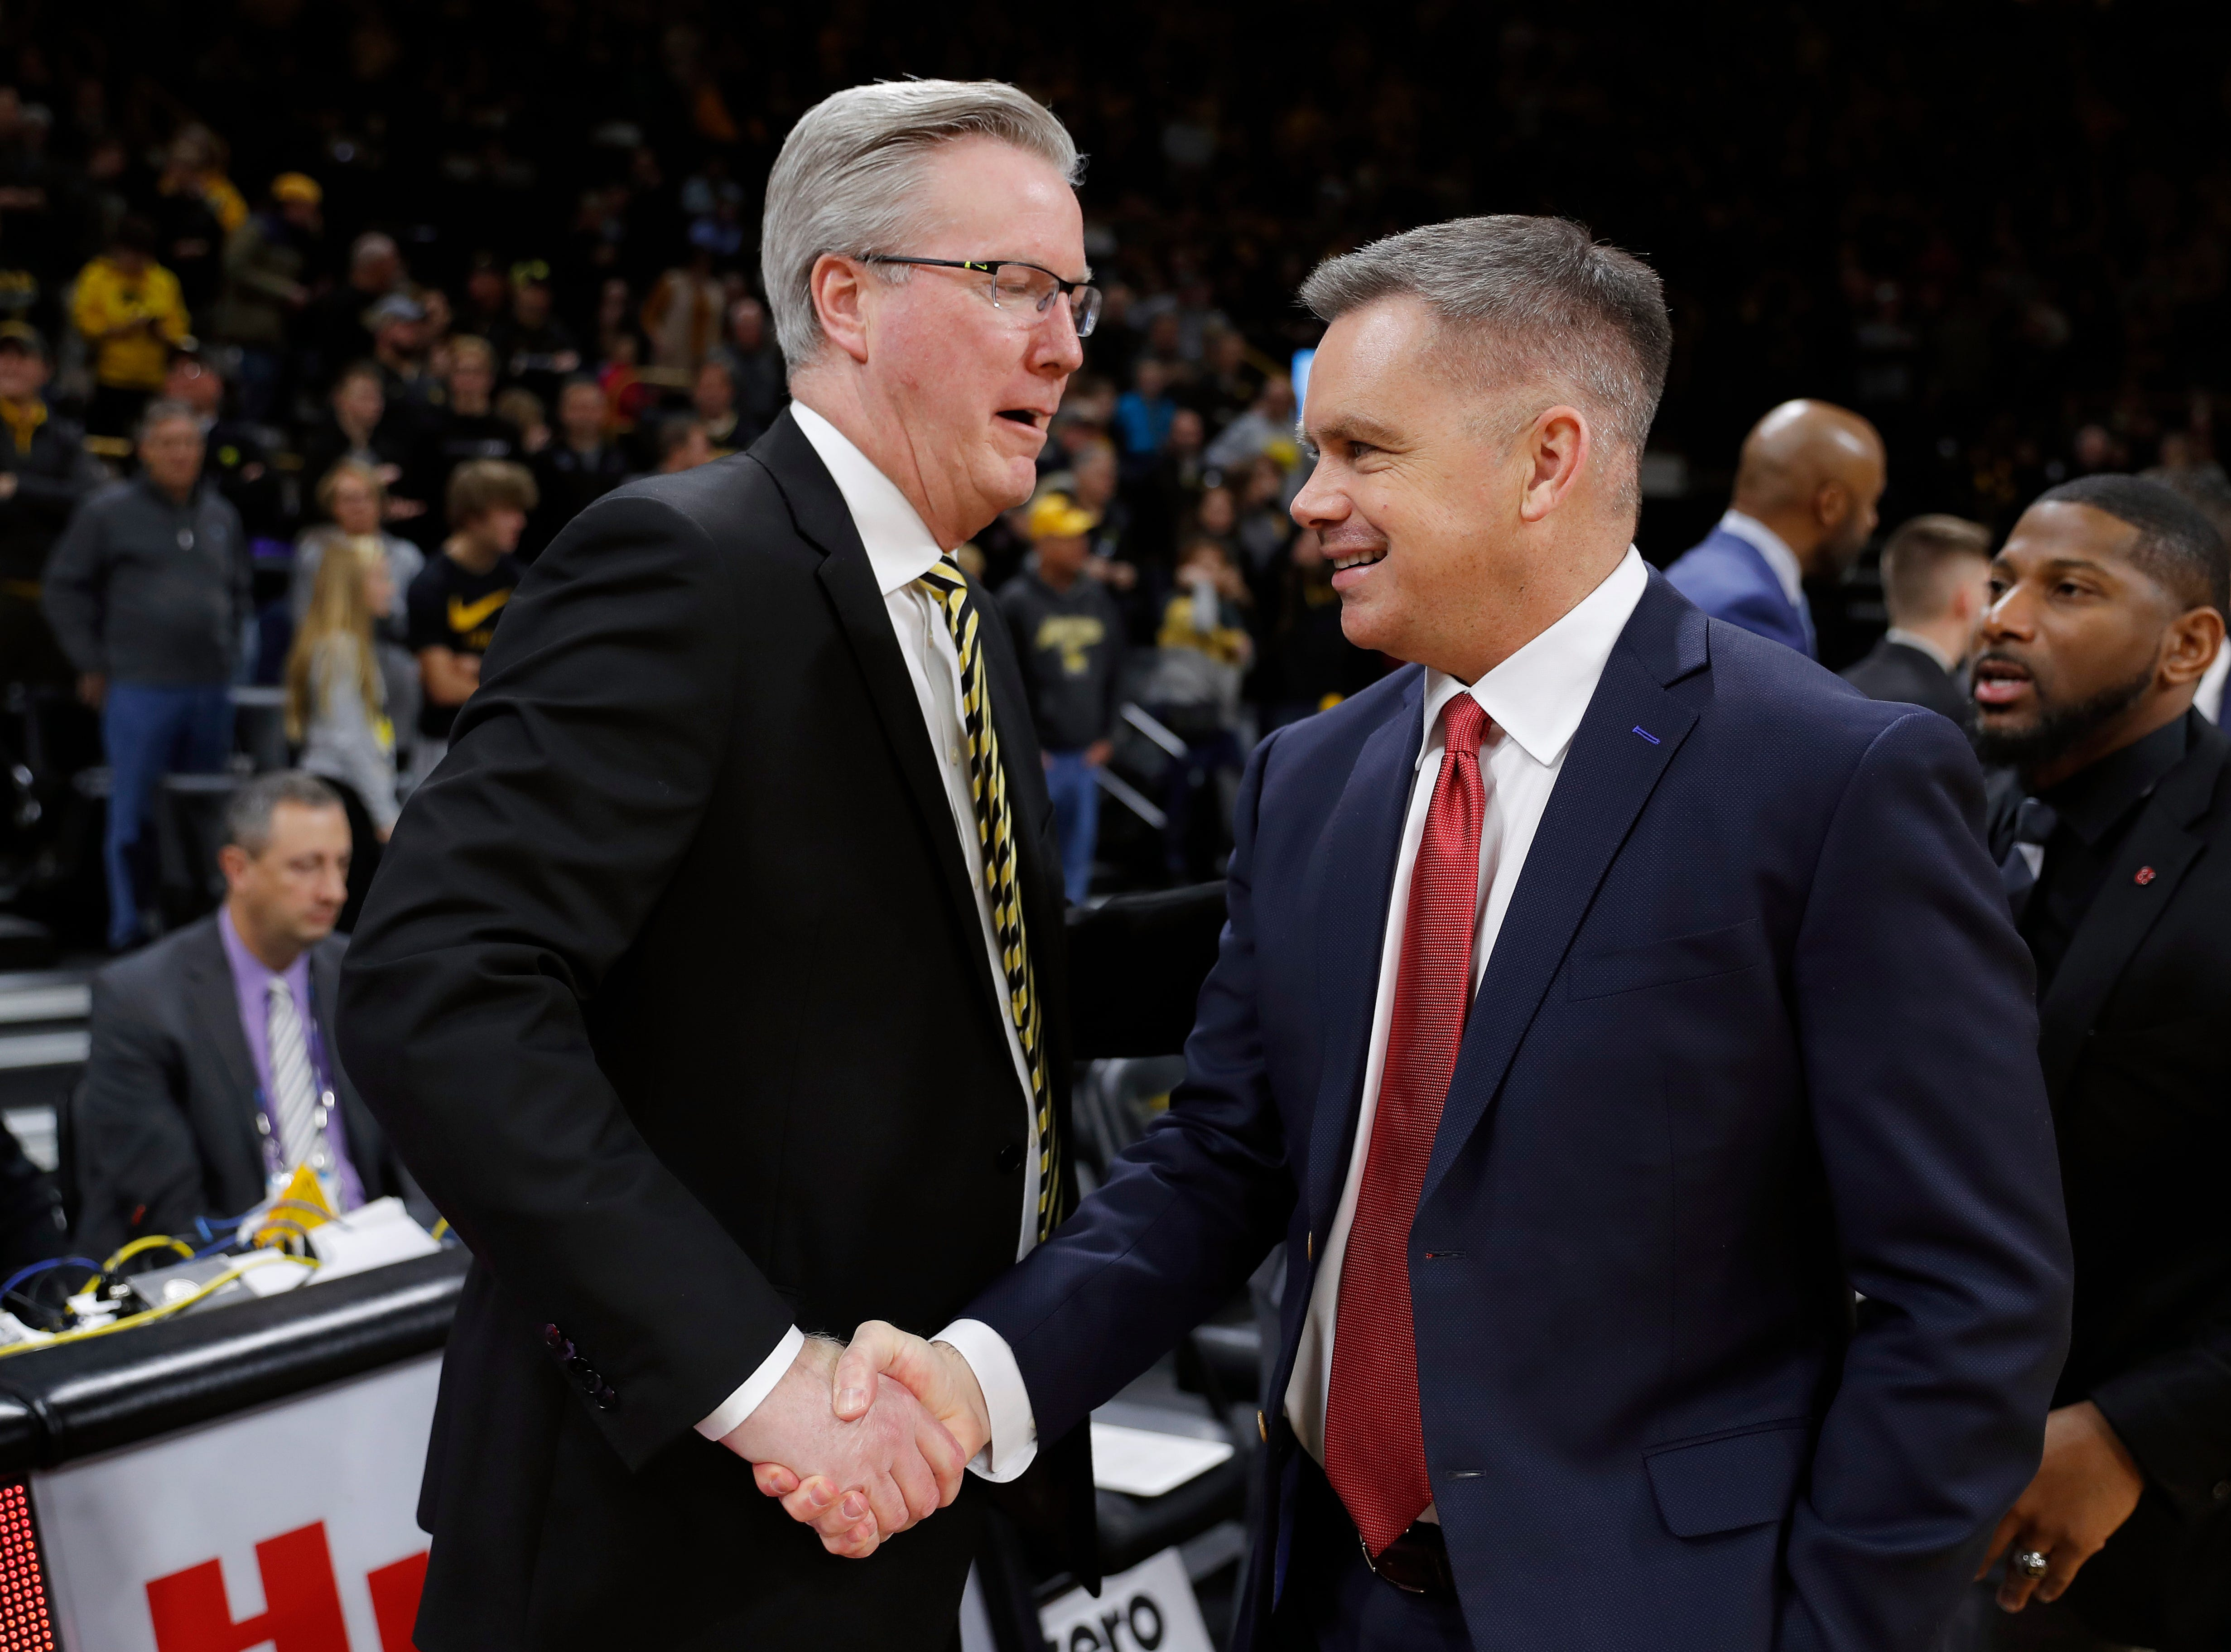 Iowa head coach Fran McCaffery, left, greets Ohio State head coach Chris Holtmann before an NCAA college basketball game, Saturday, Jan. 12, 2019, in Iowa City, Iowa.